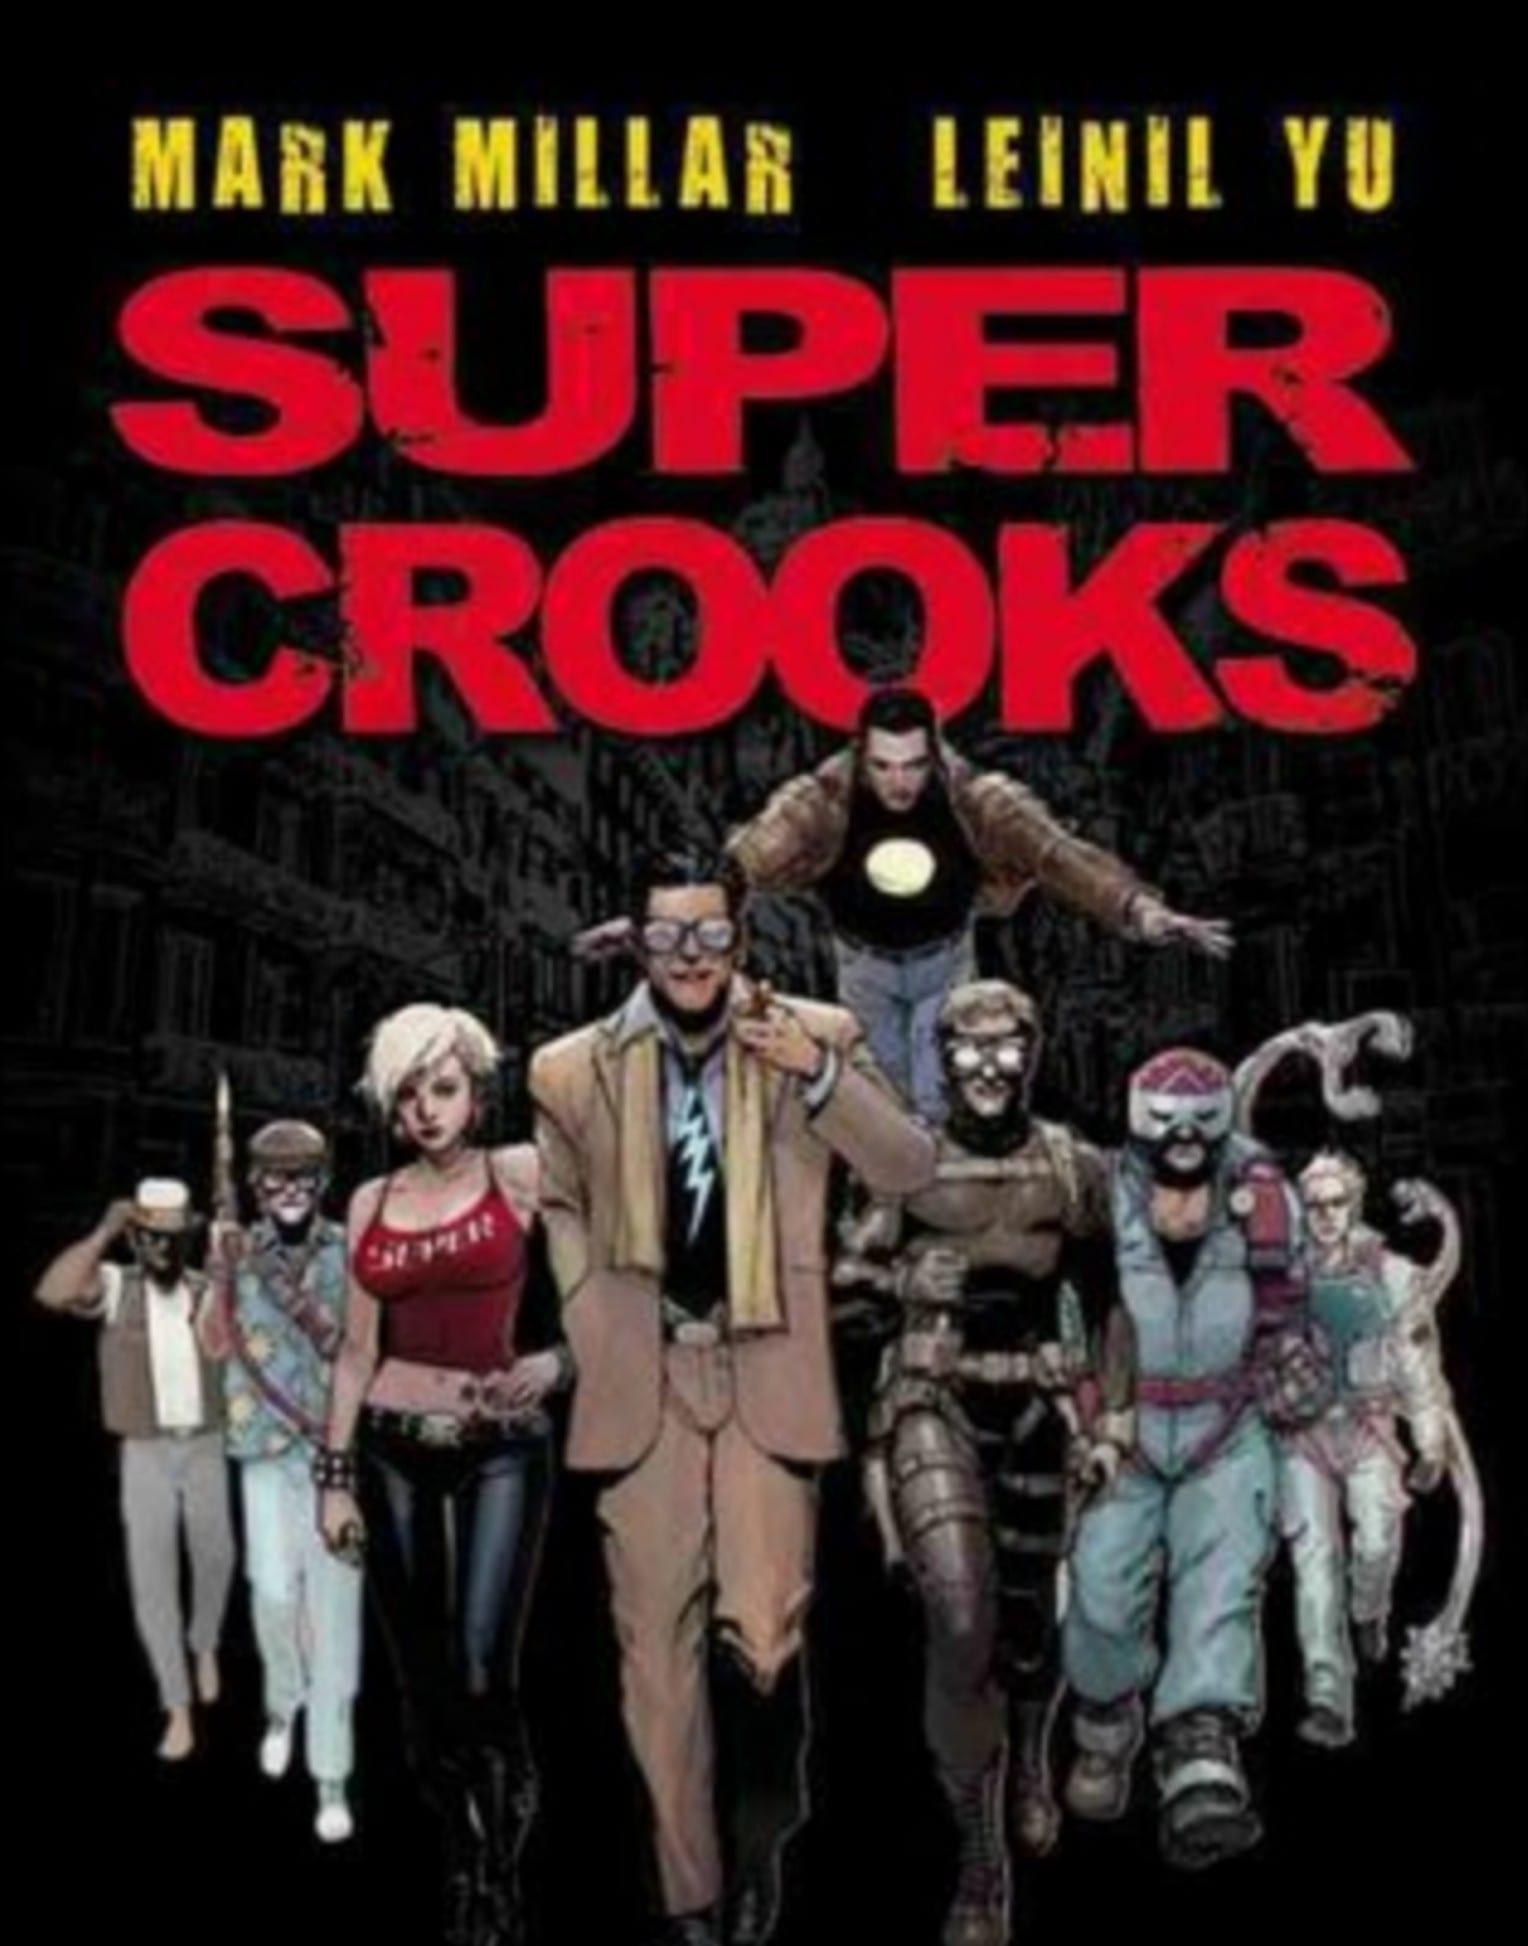 super crooks by mark miller